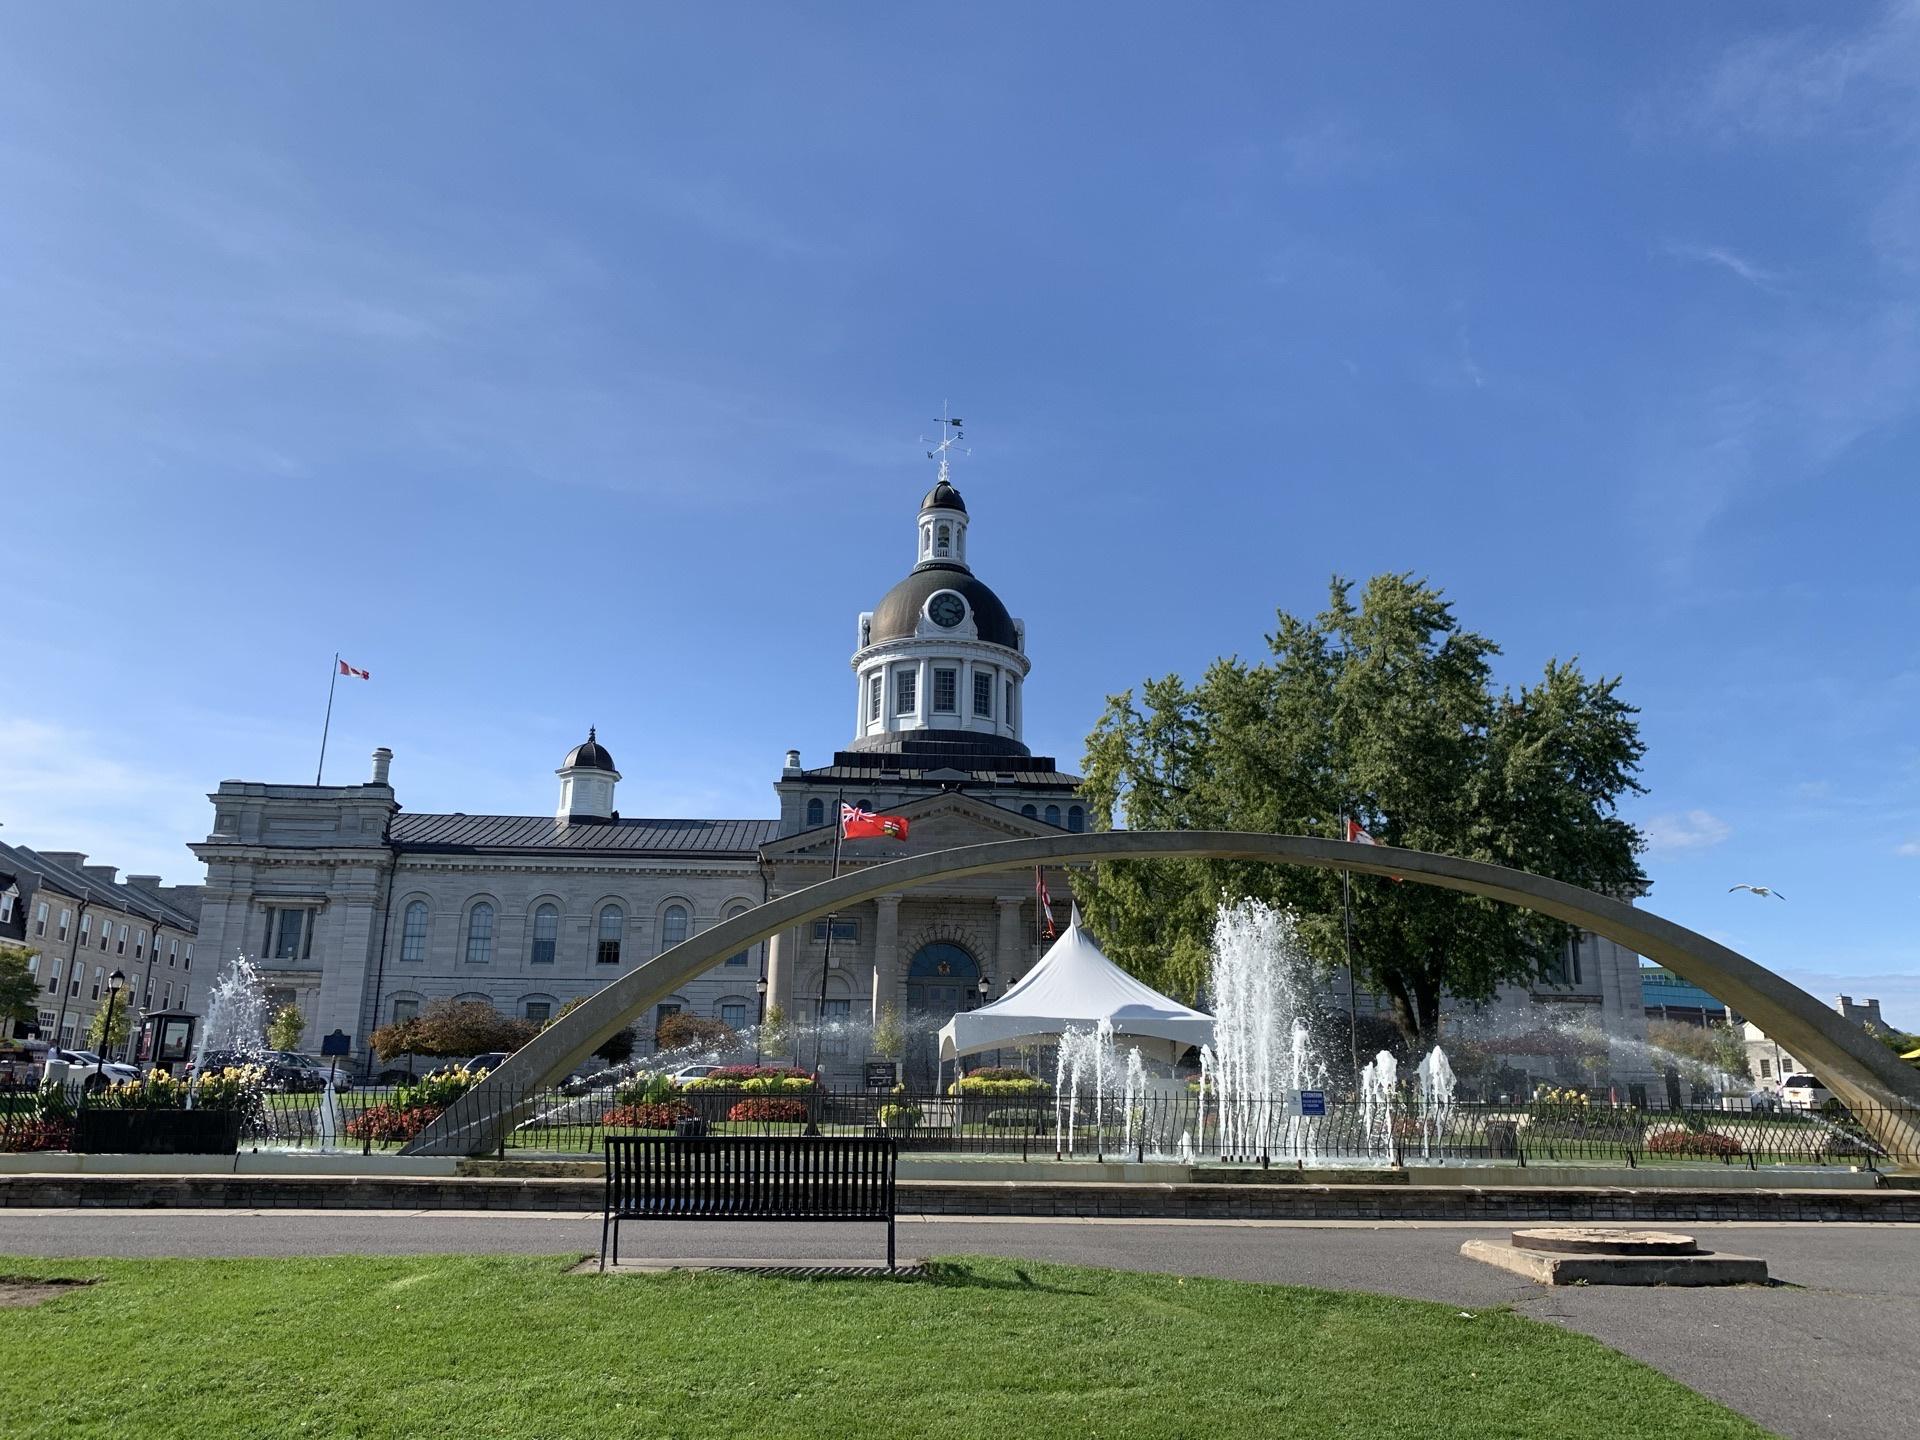 加拿大 金斯顿 金斯顿市政厅